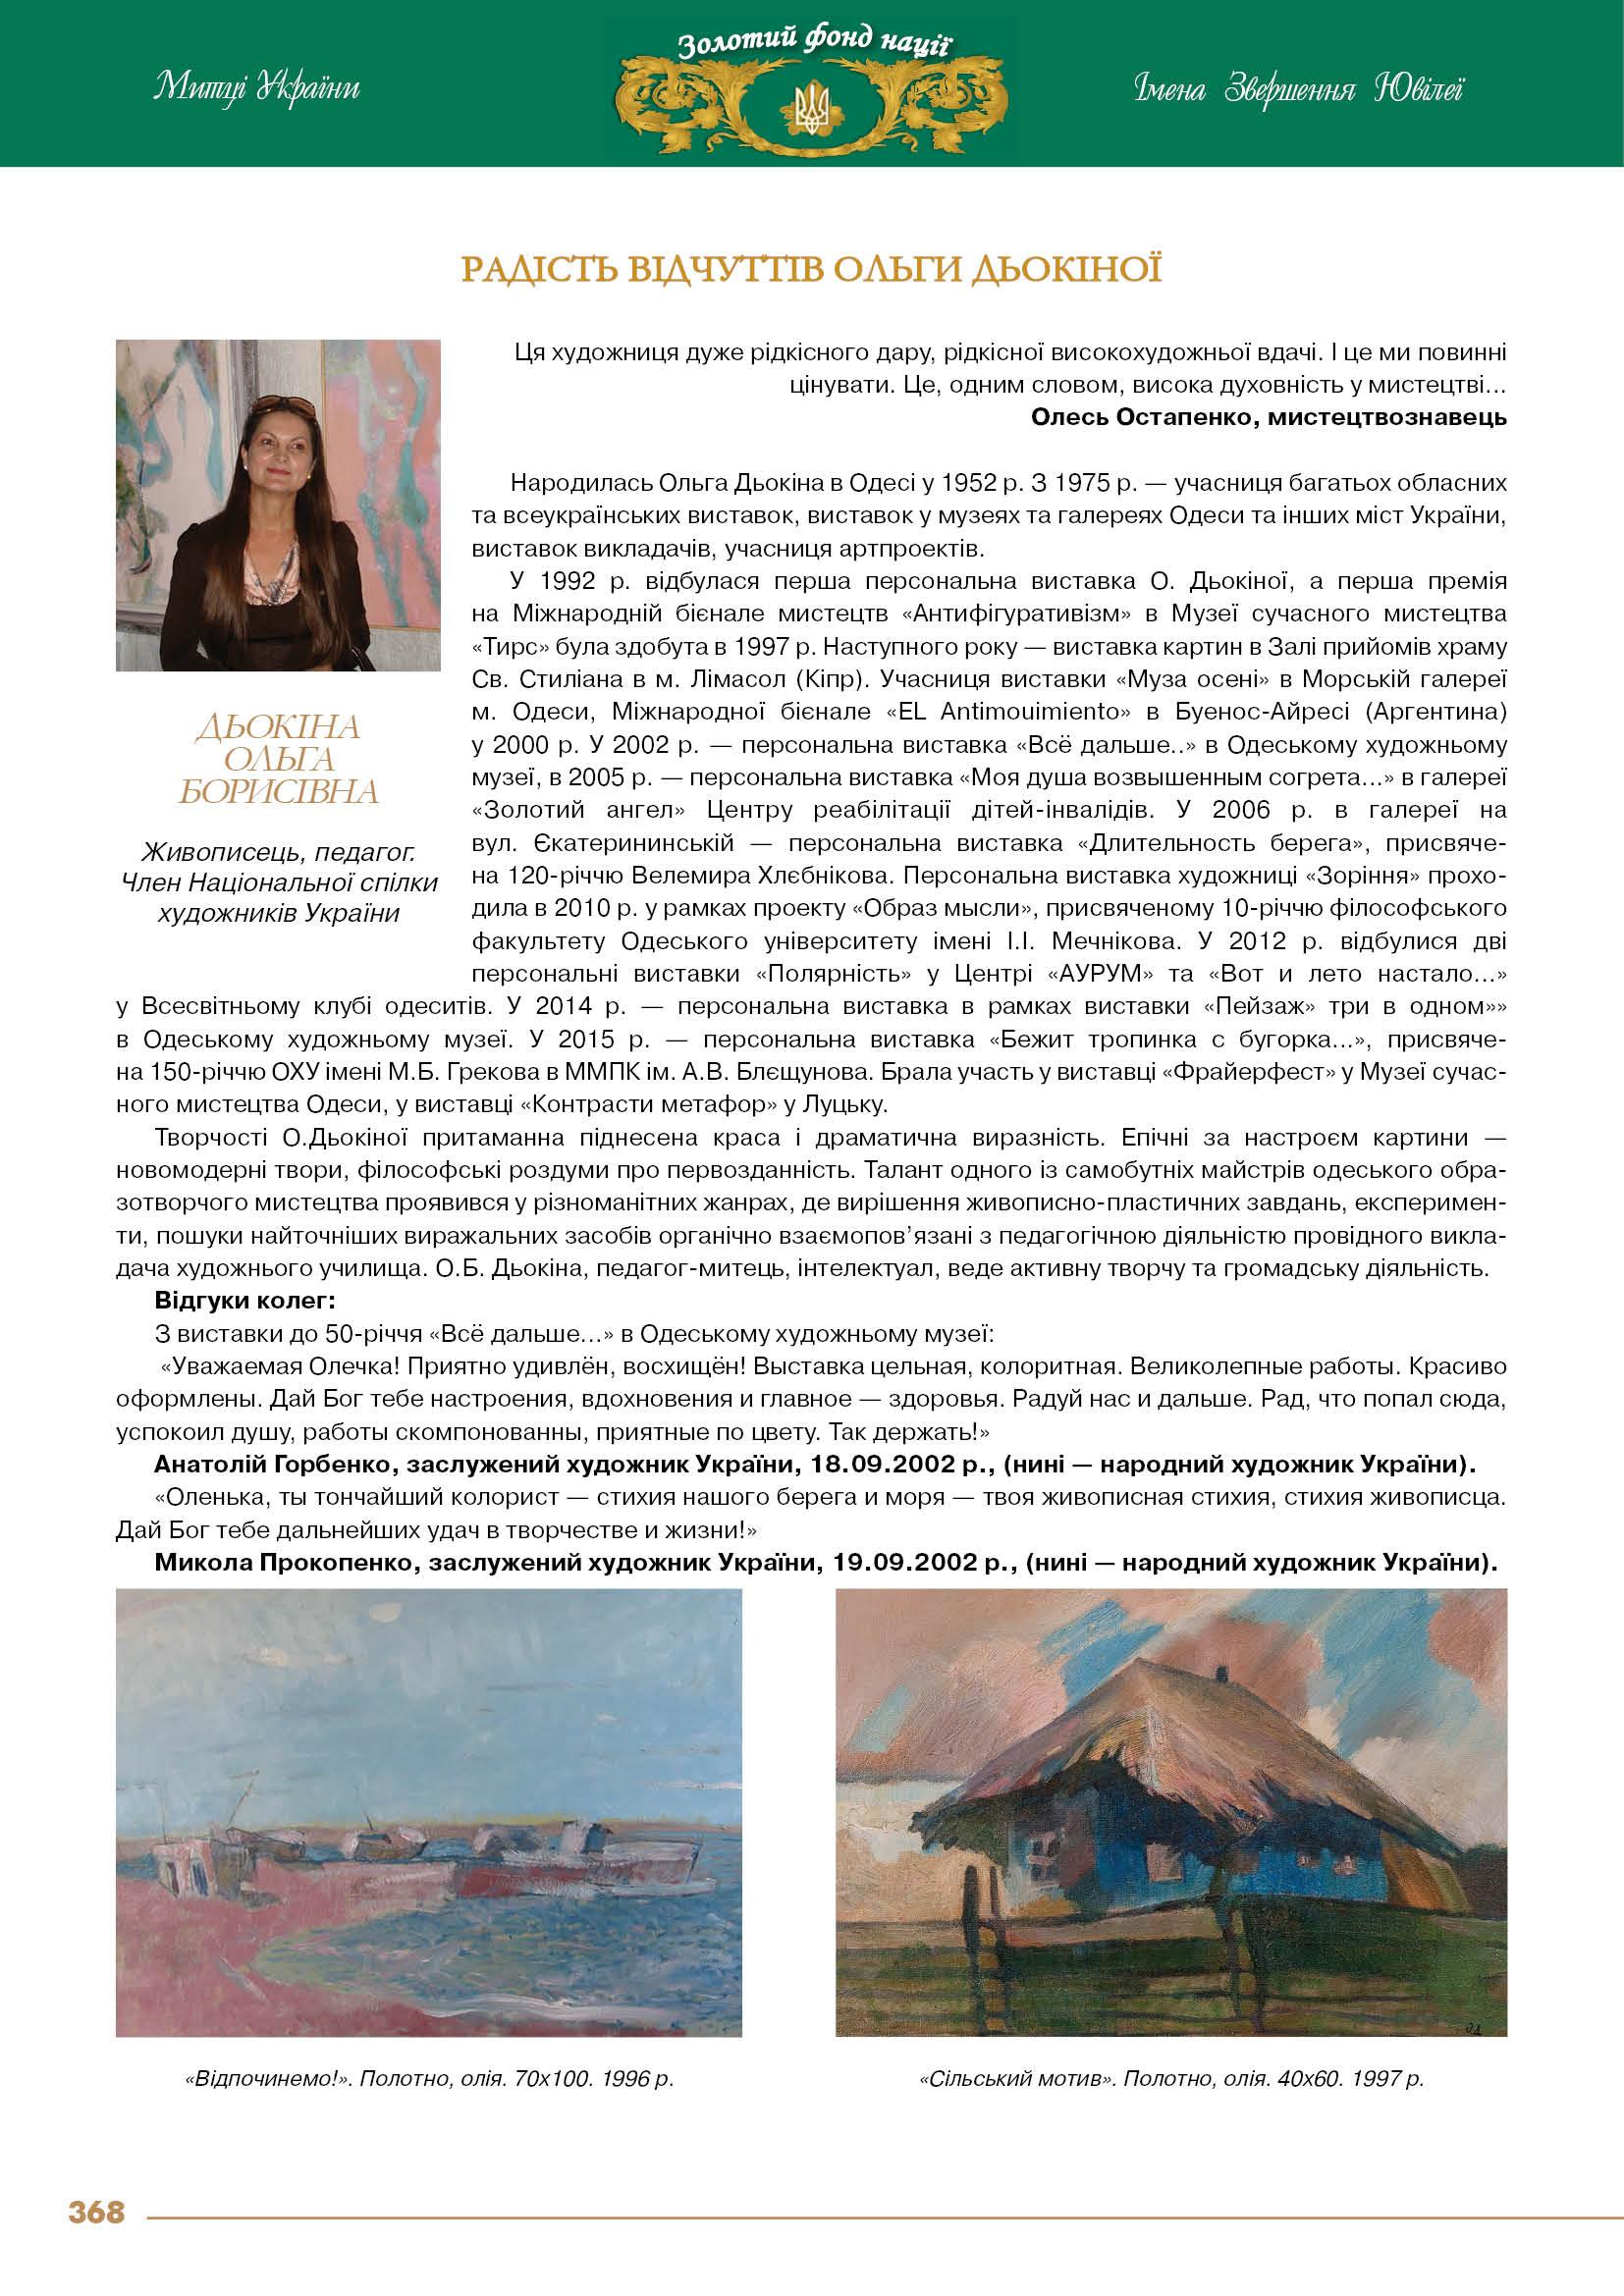 Дьокіна Ольга Борисівна